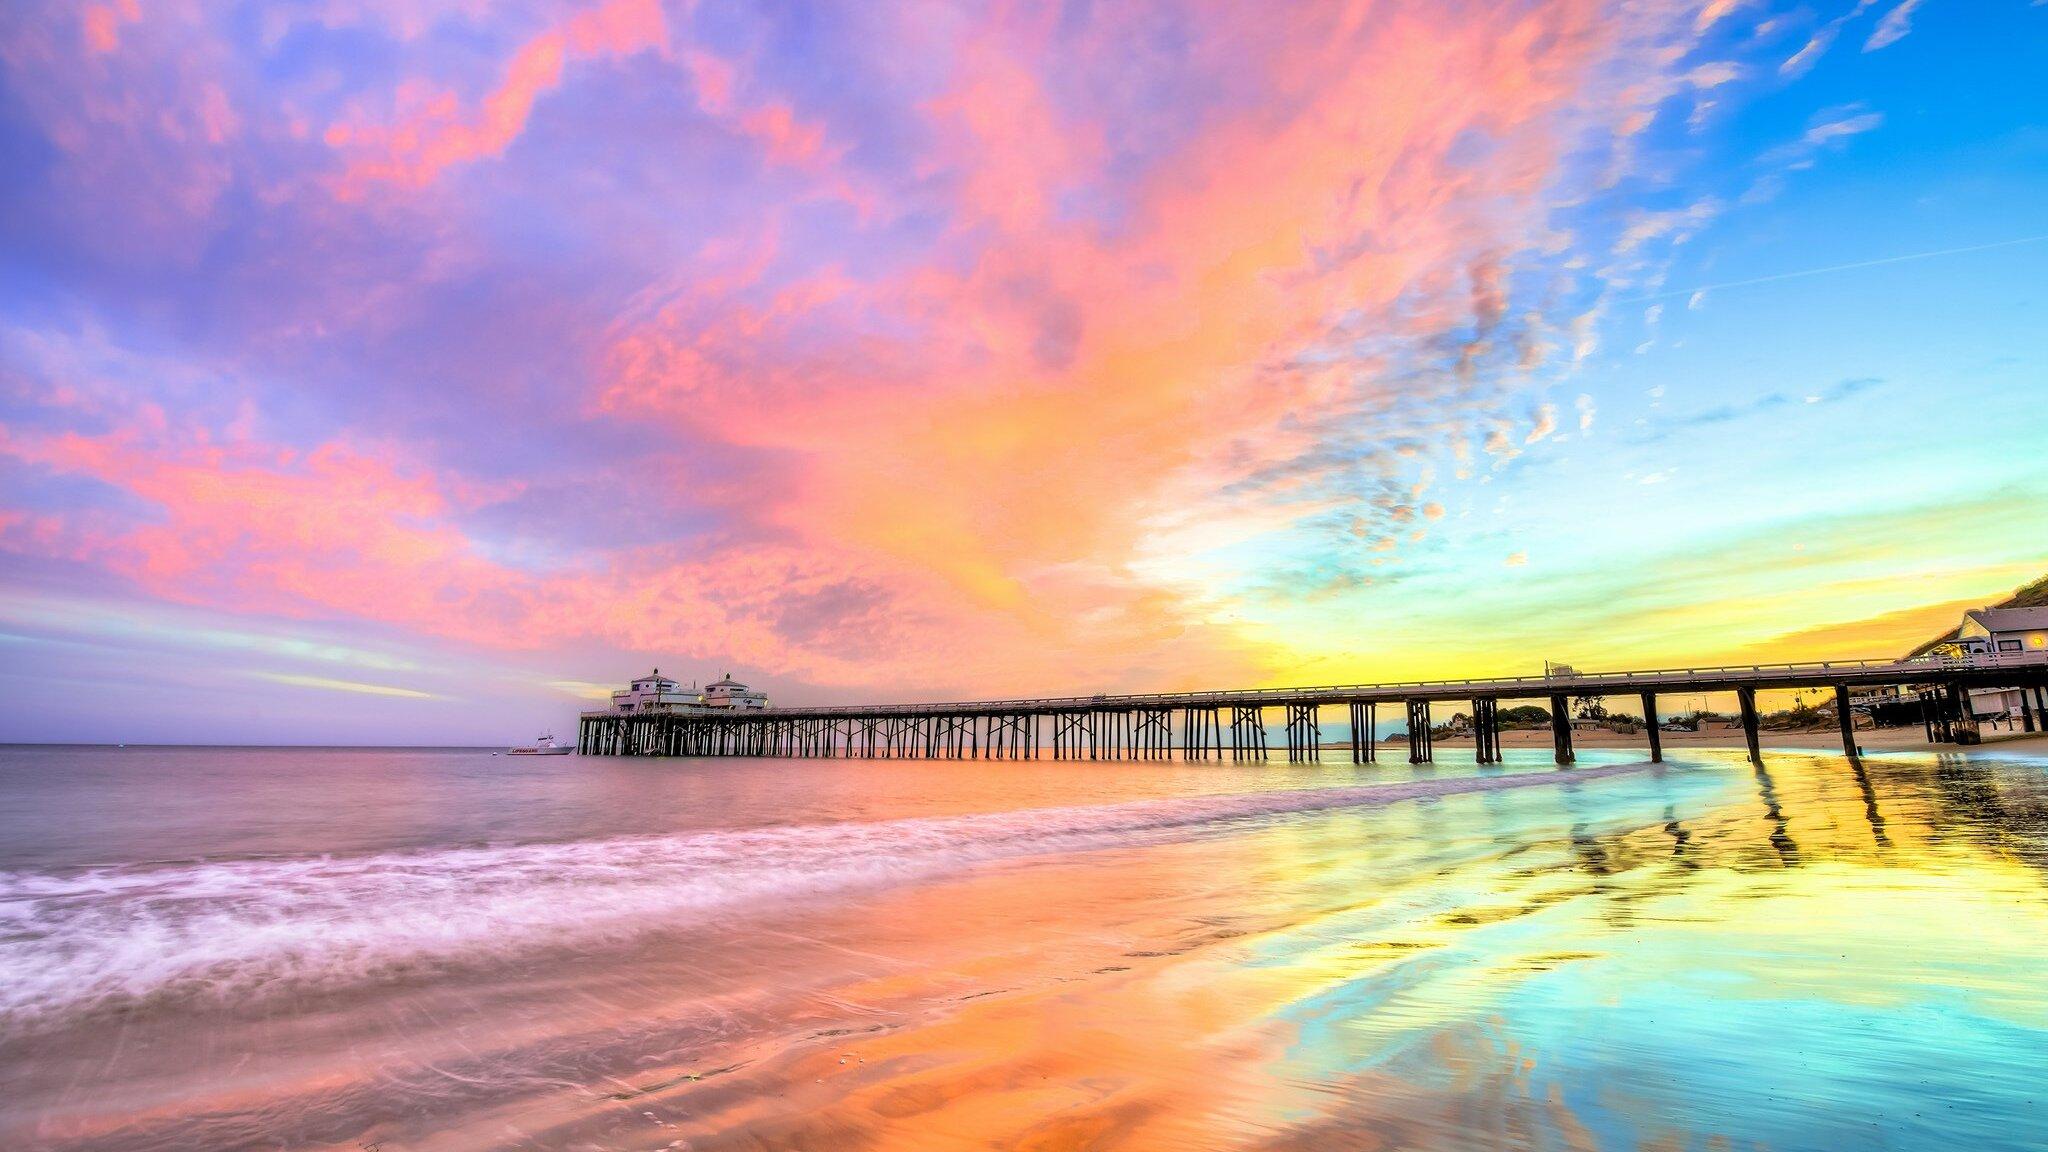 2048x1152 Pier Beach California 2048x1152 Resolution HD 4k